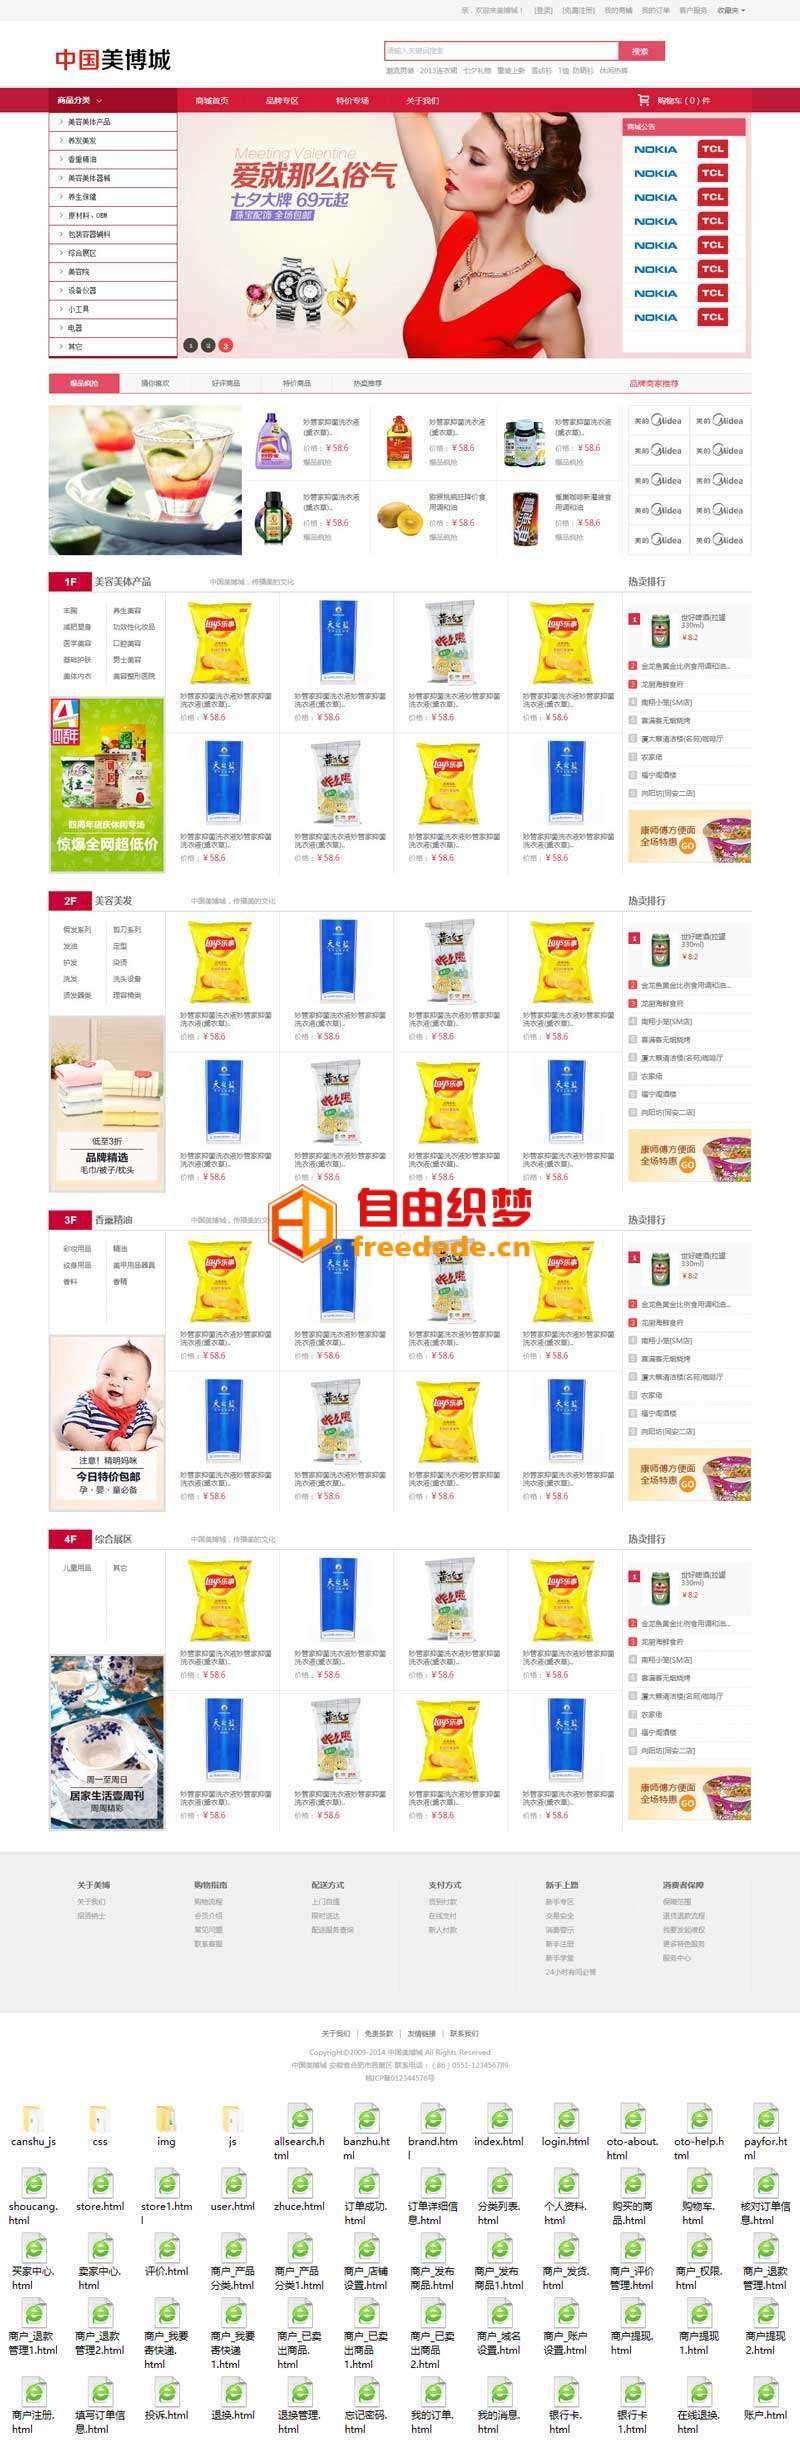 爱上源码网文章红色简洁的综合商城网站html整站模板的内容插图